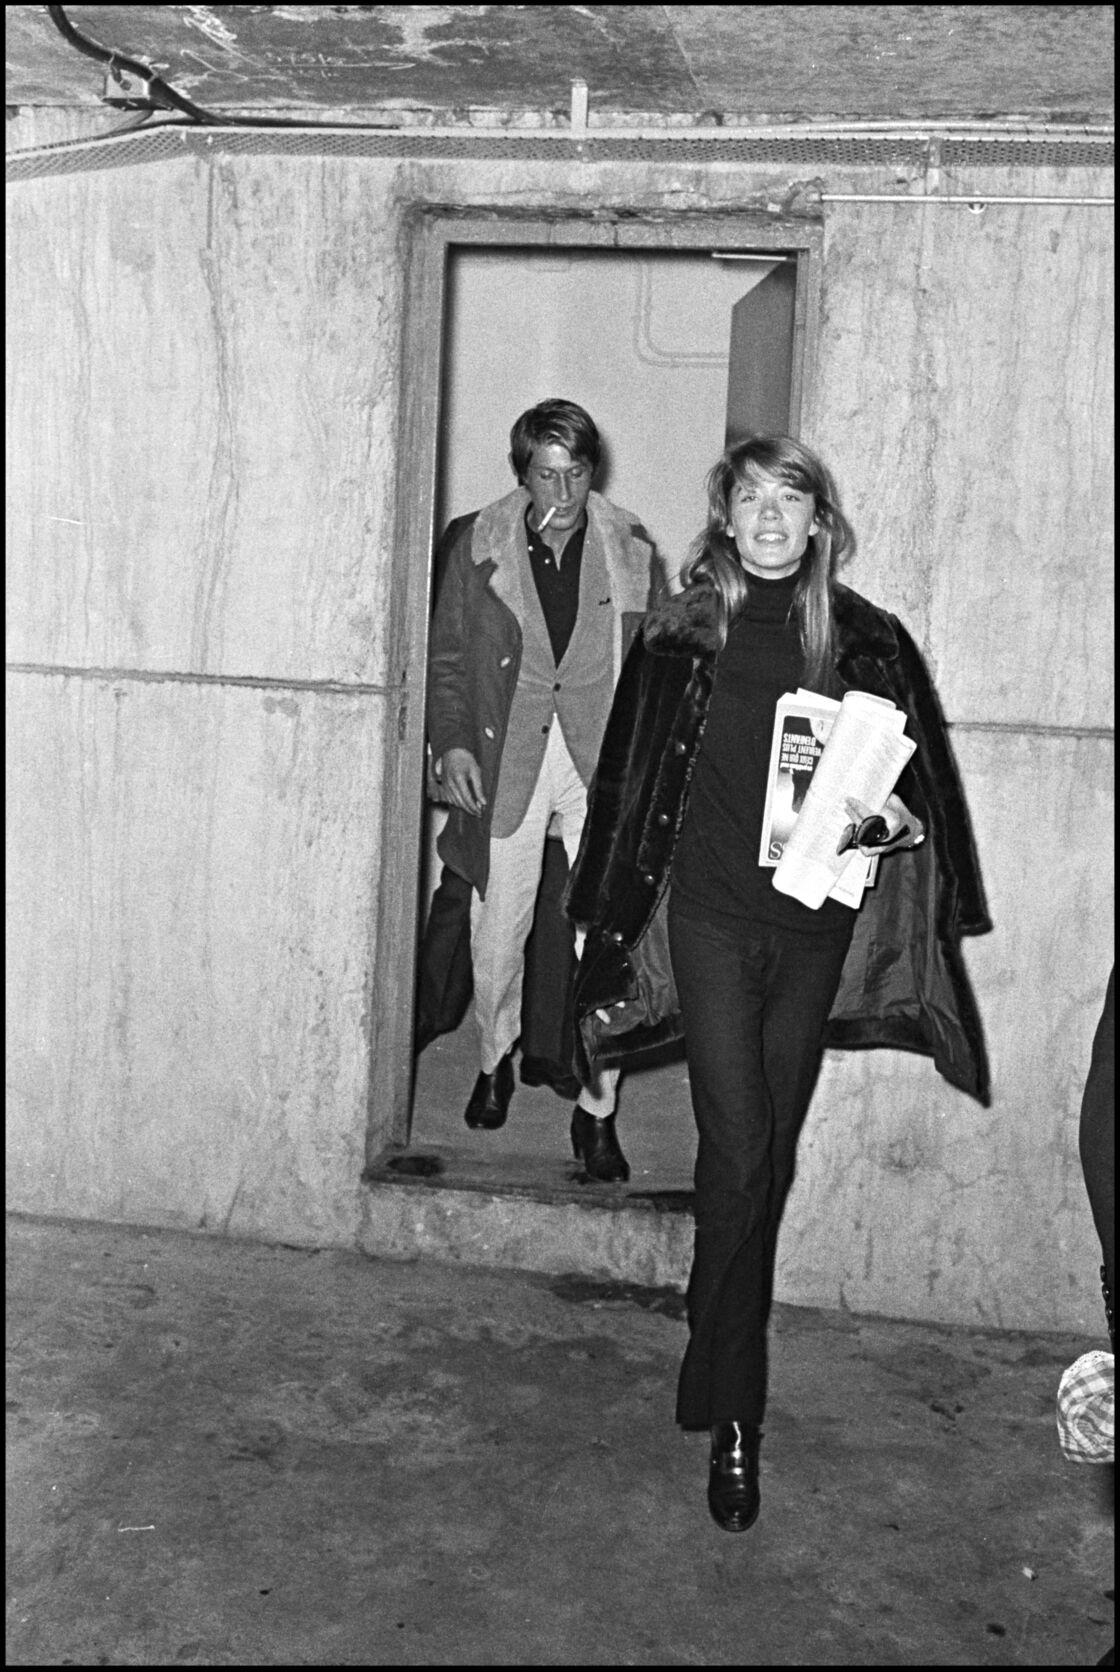 Françoise Hardy en ensemble veste-pantalon flare dans les 60's-70's dans les coulisses de l'émission Le palmares des chansons avec Jacques Dutronc